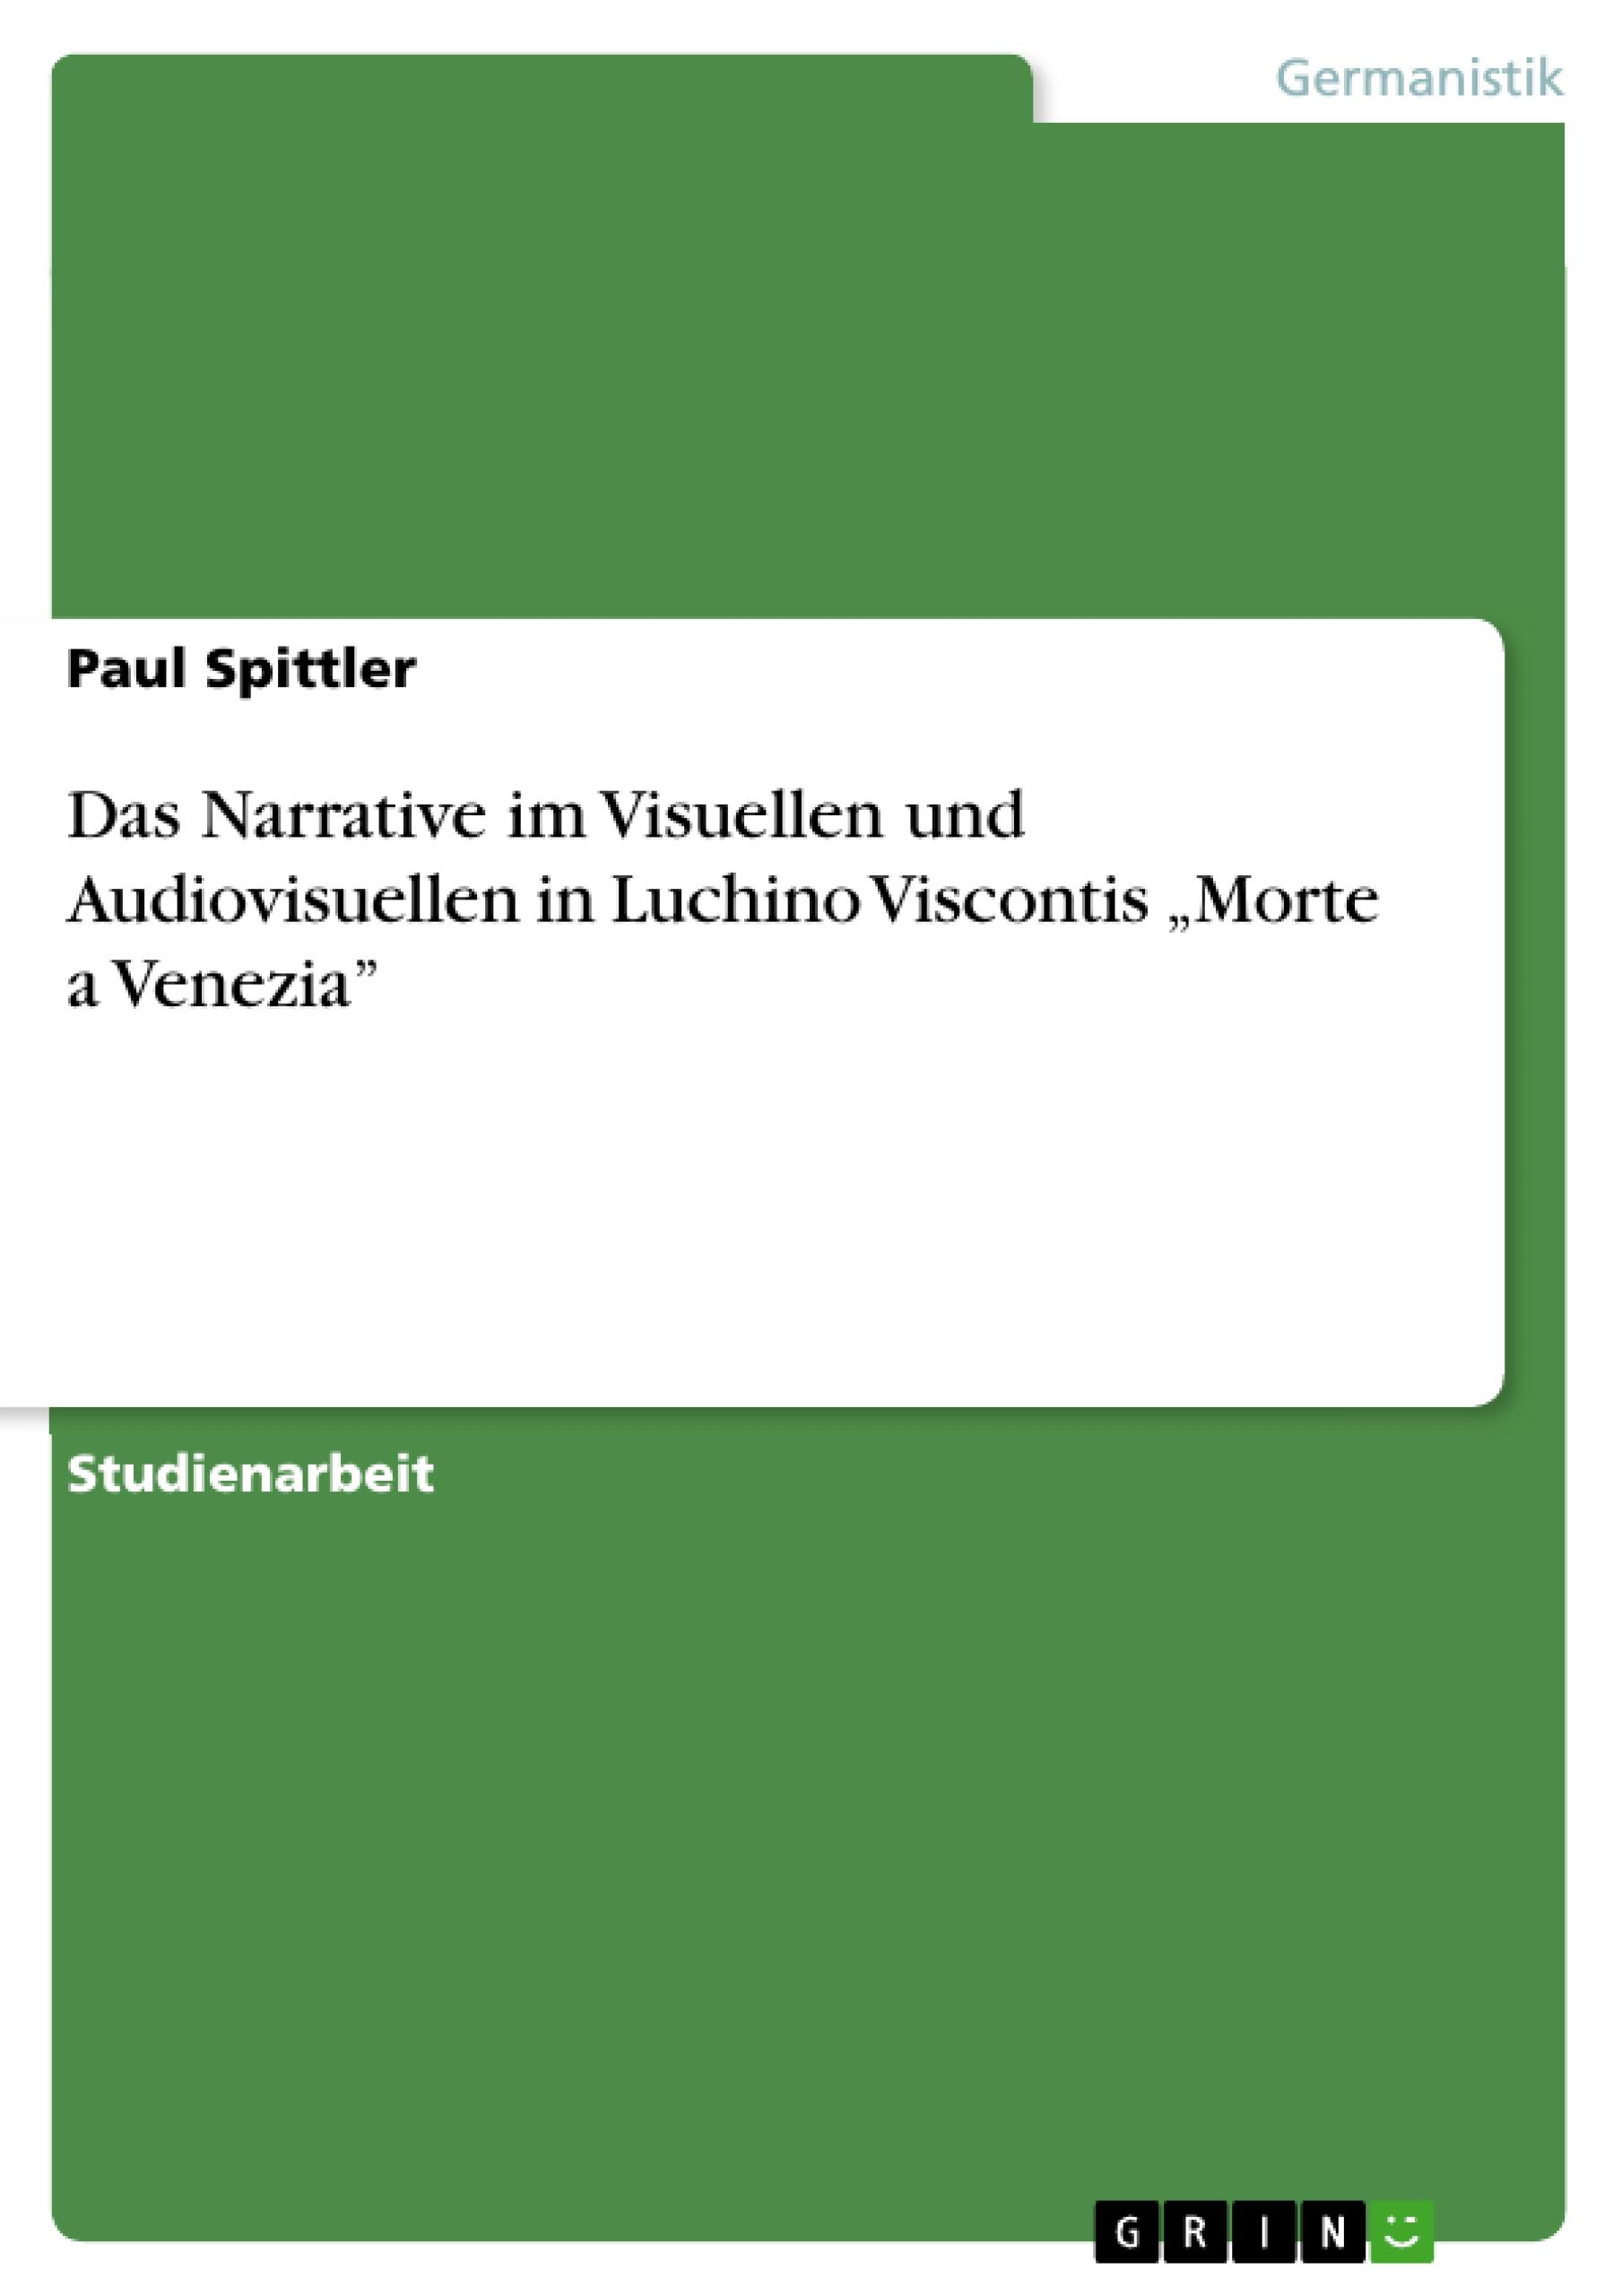 Das Narrative im Visuellen und Audiovisuellen in Luchino Viscontis  Morte a Venezia - Spittler, Paul